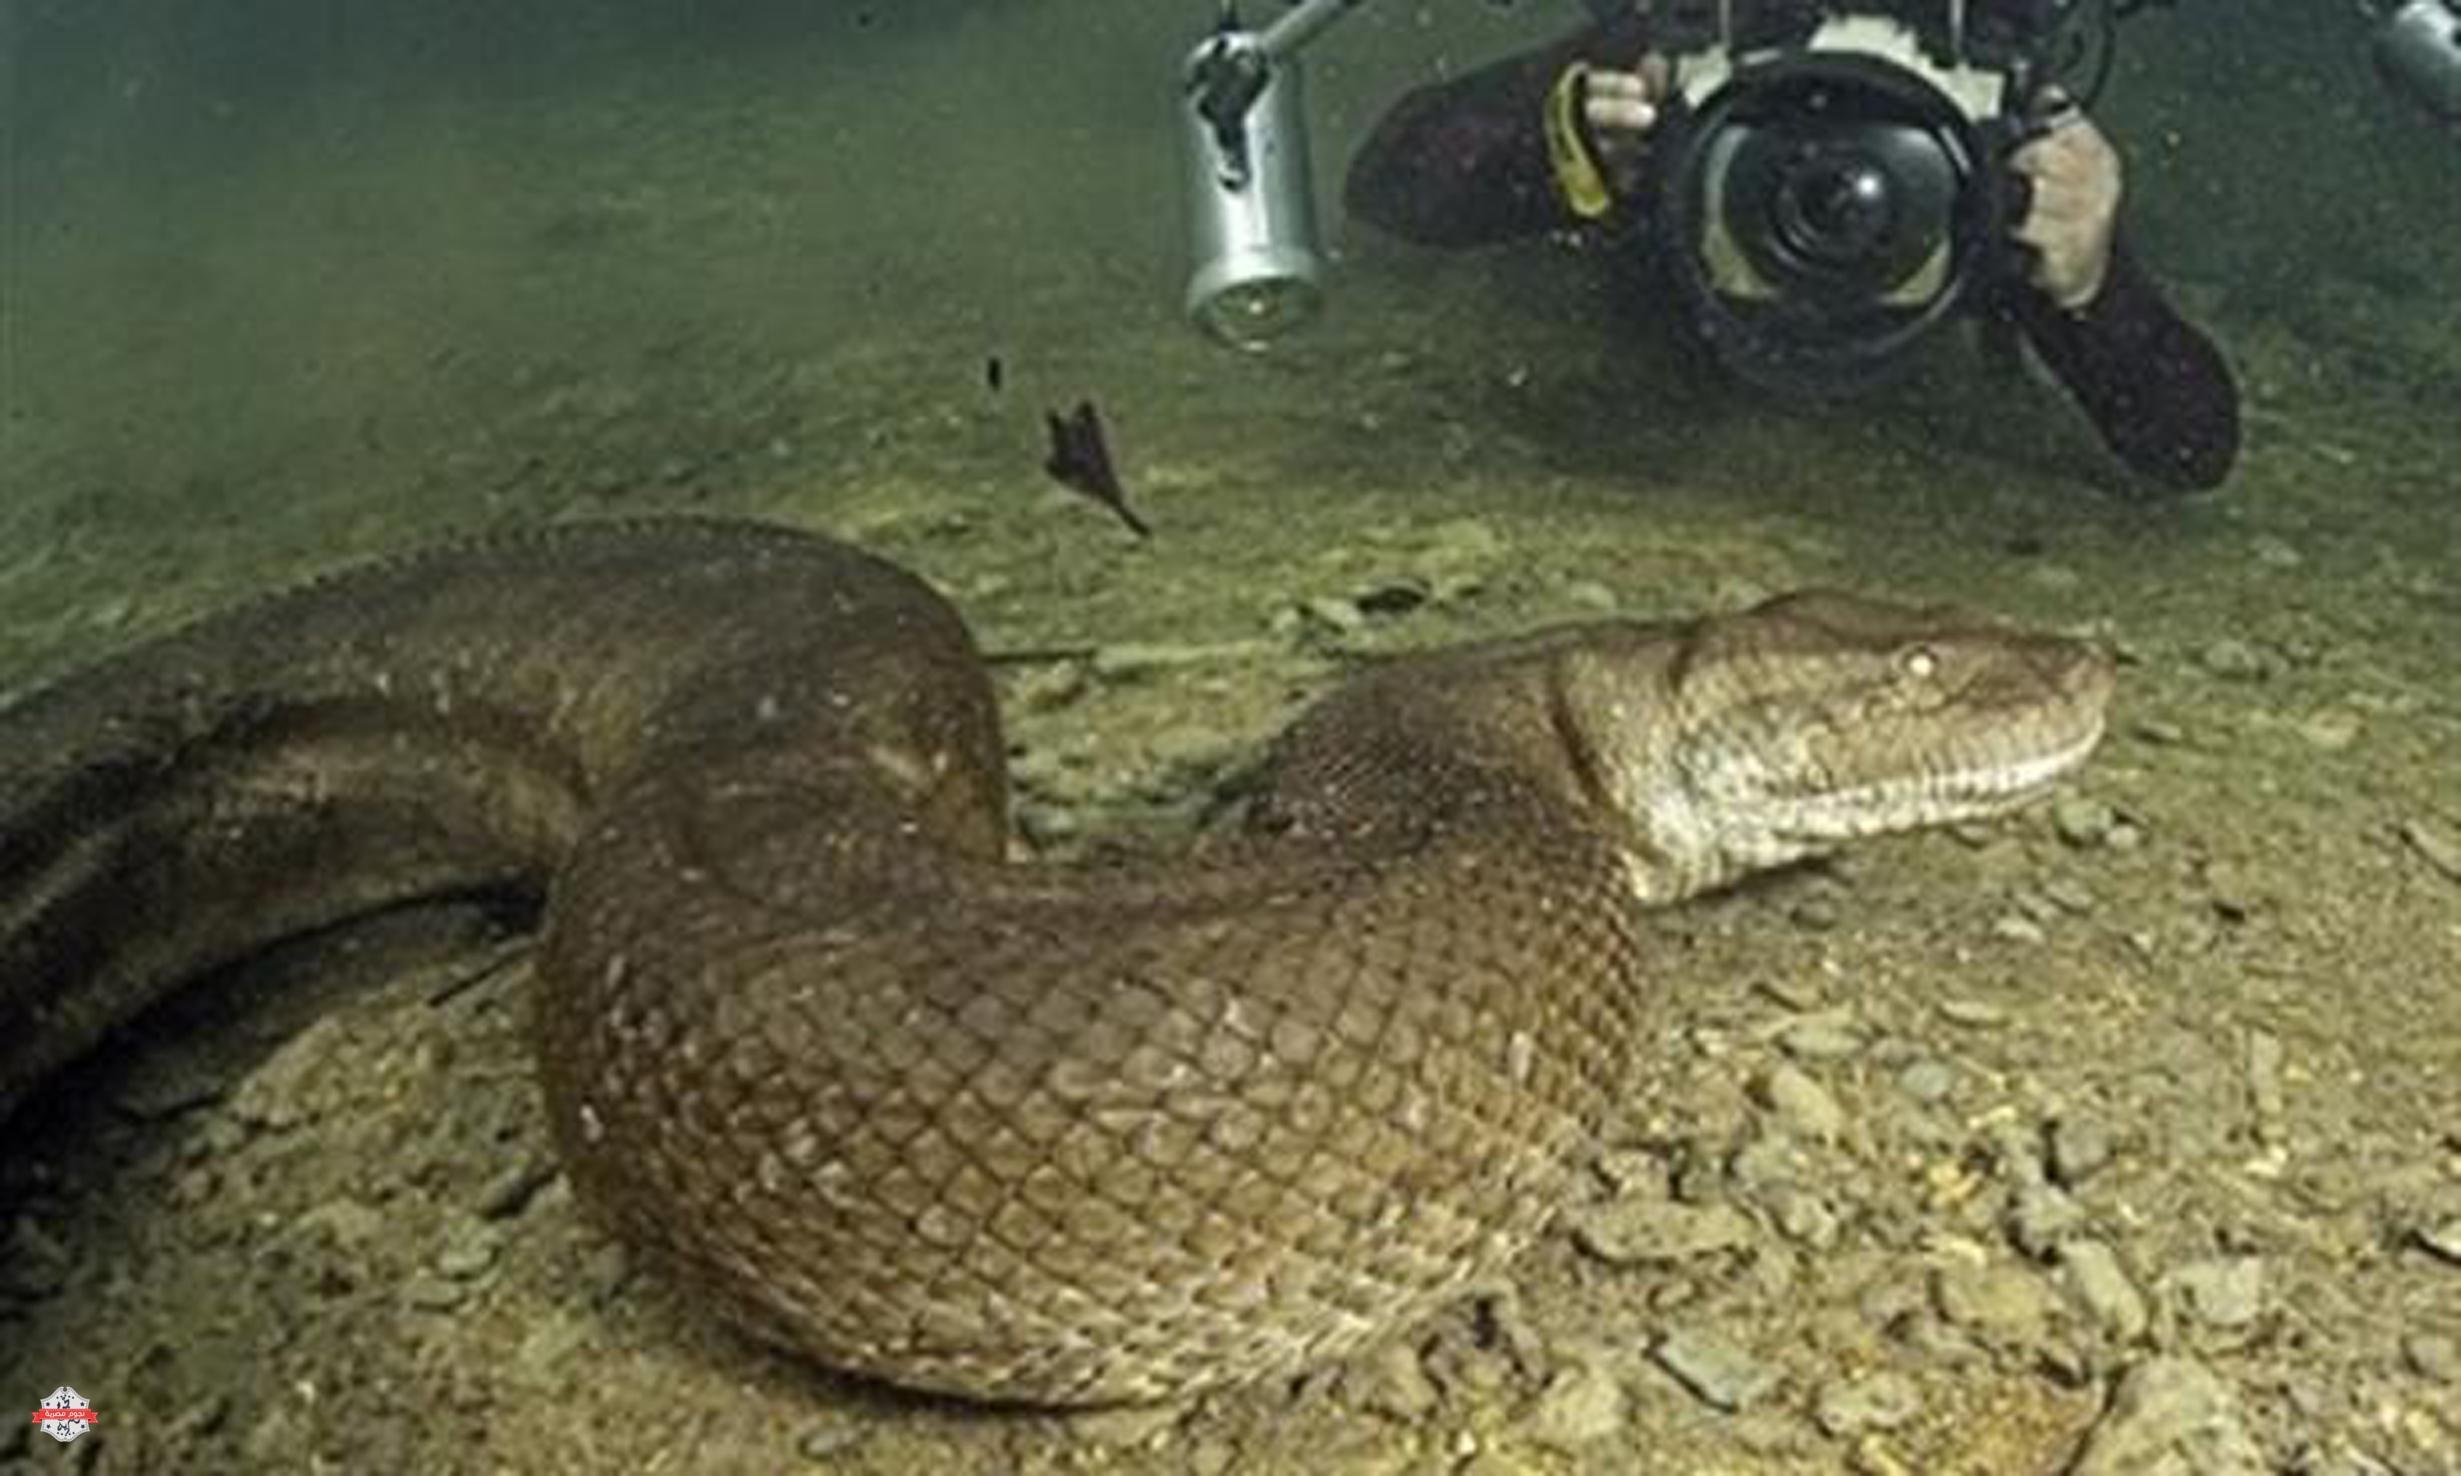 بالصور اكبر ثعبان في العالم , صورة حيوانات من الطبيعة